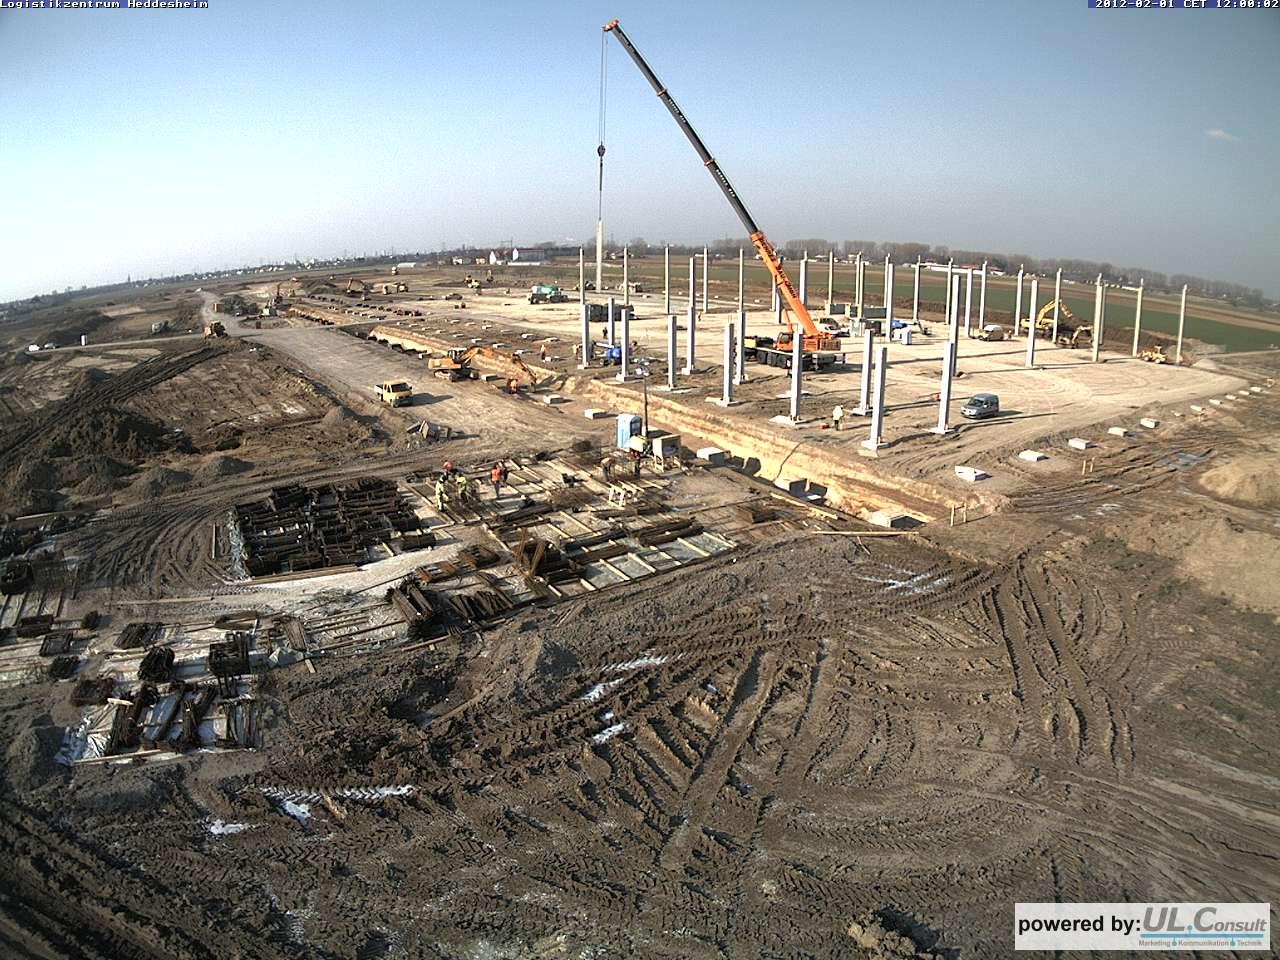 Baustelle Heddesheim Bau einer Halle